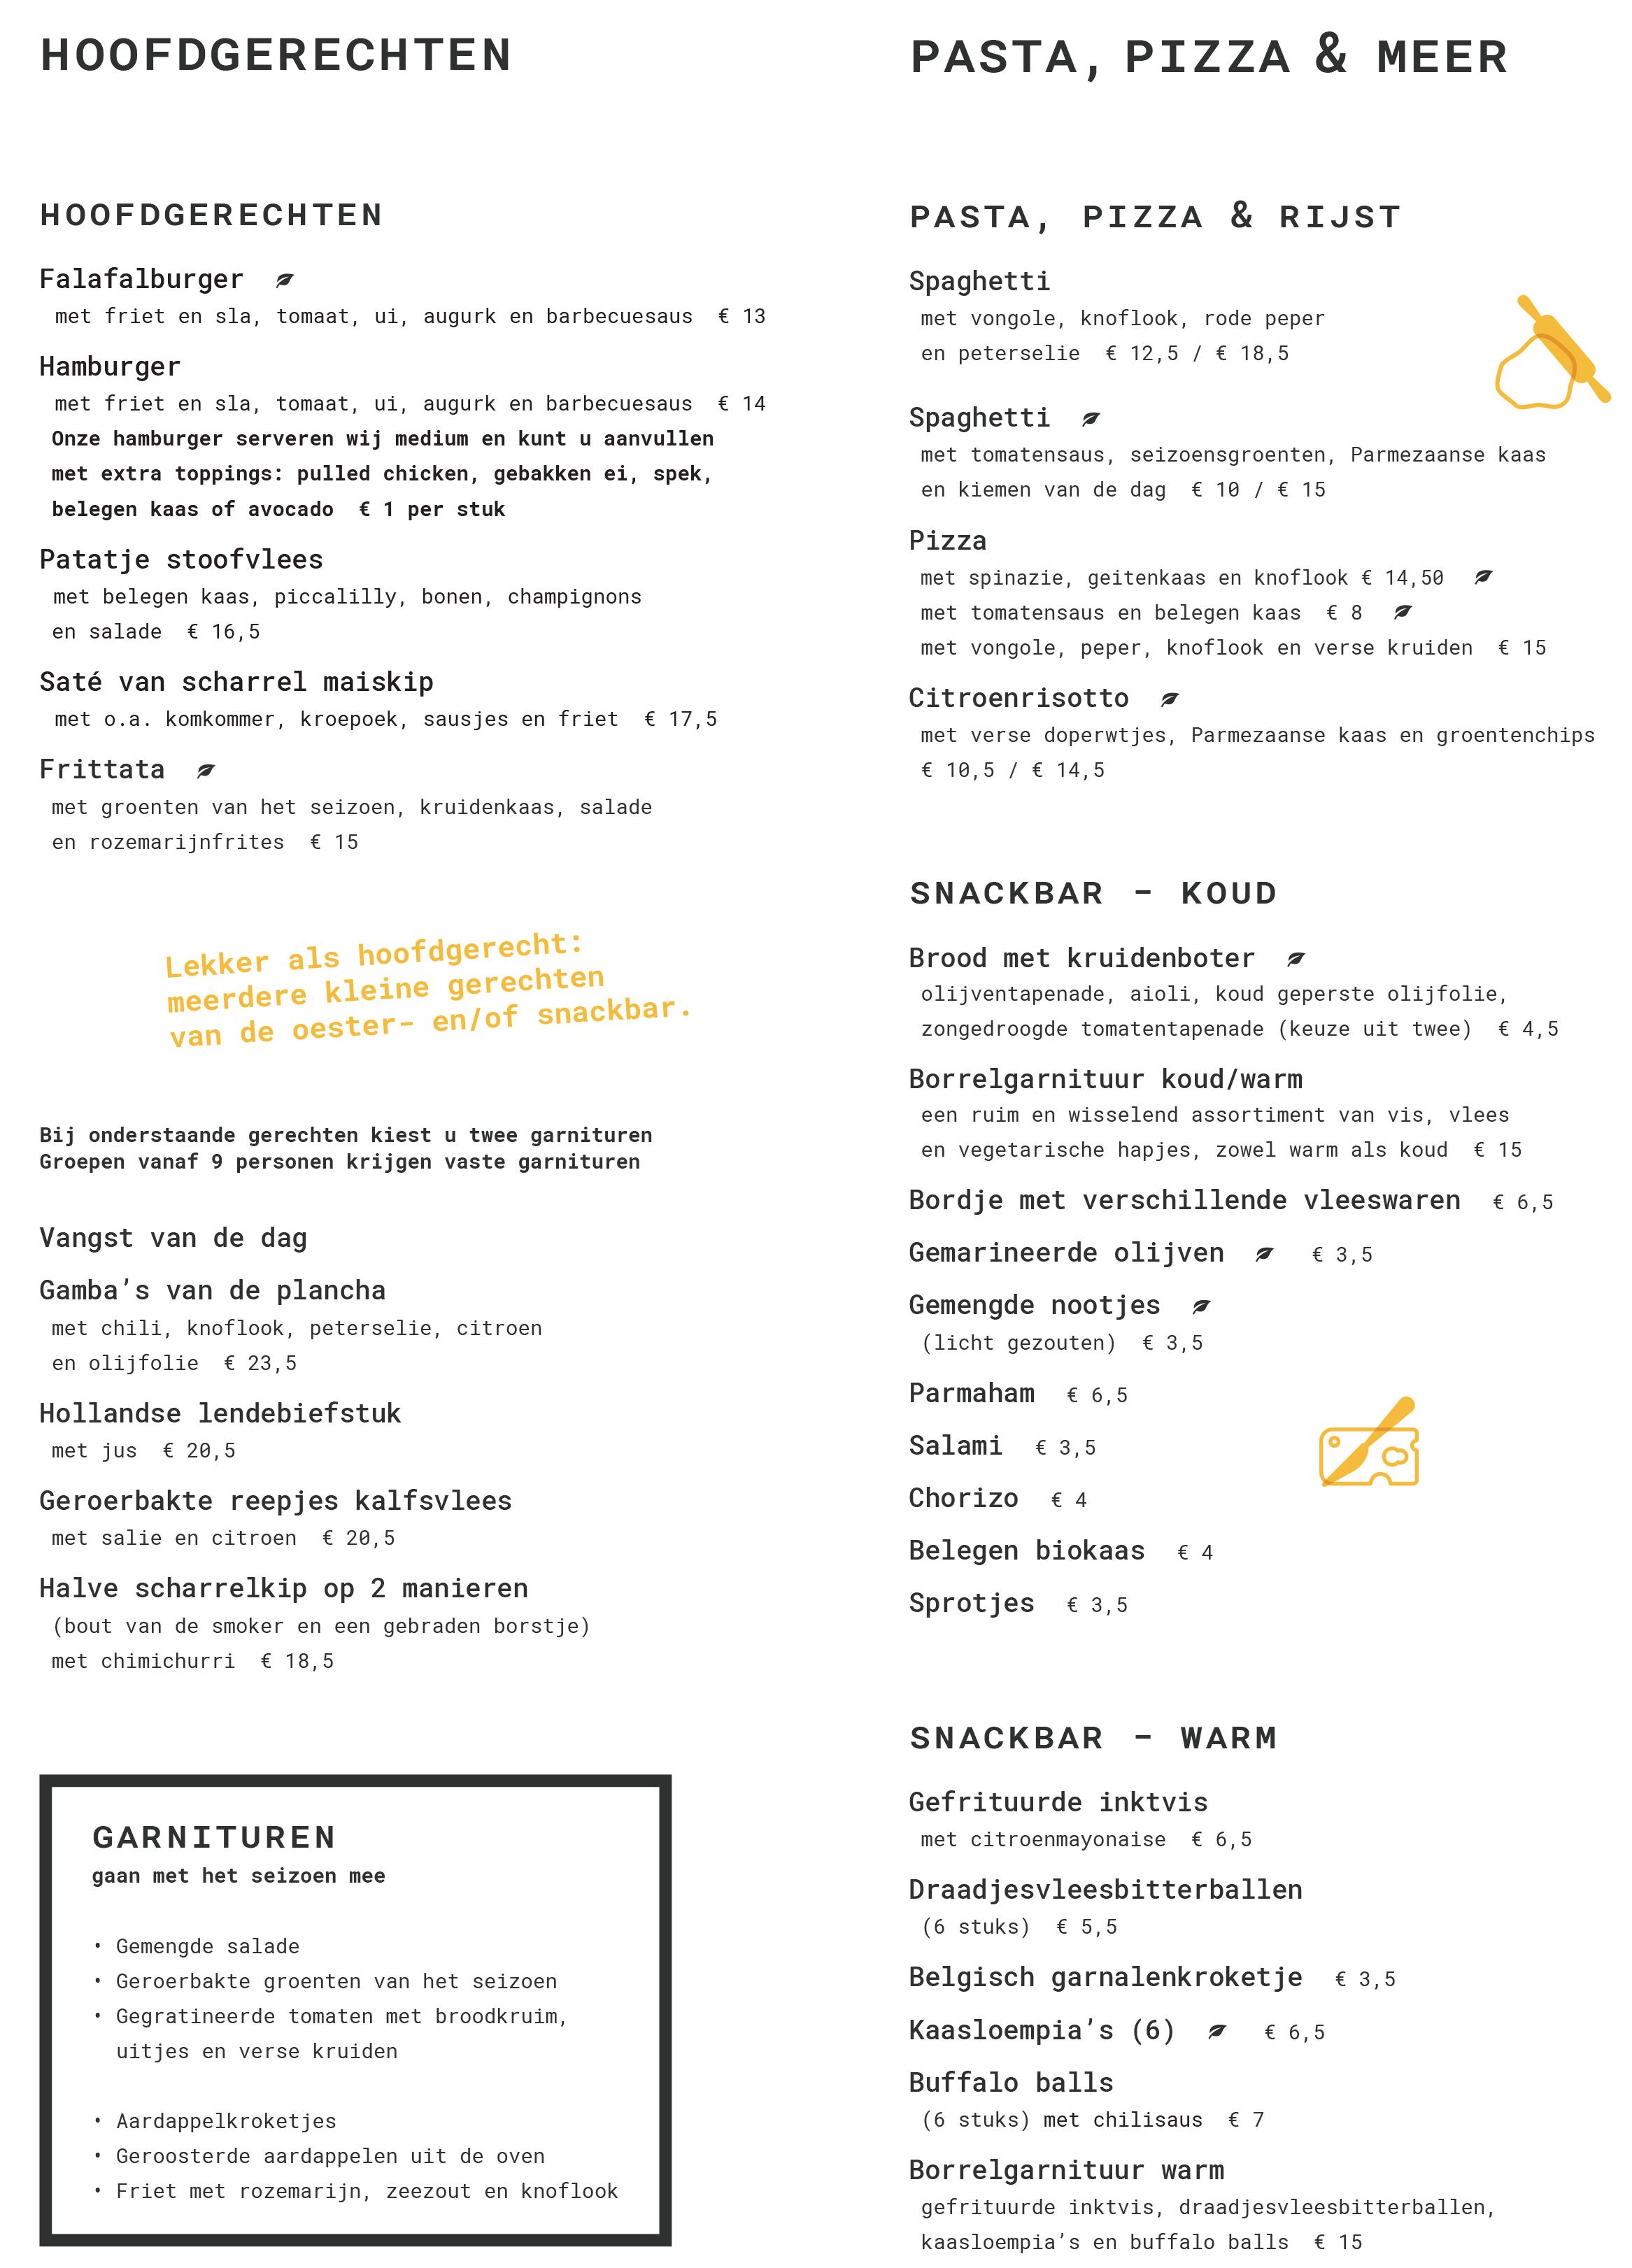 SITE_hofdgerechten en pasta